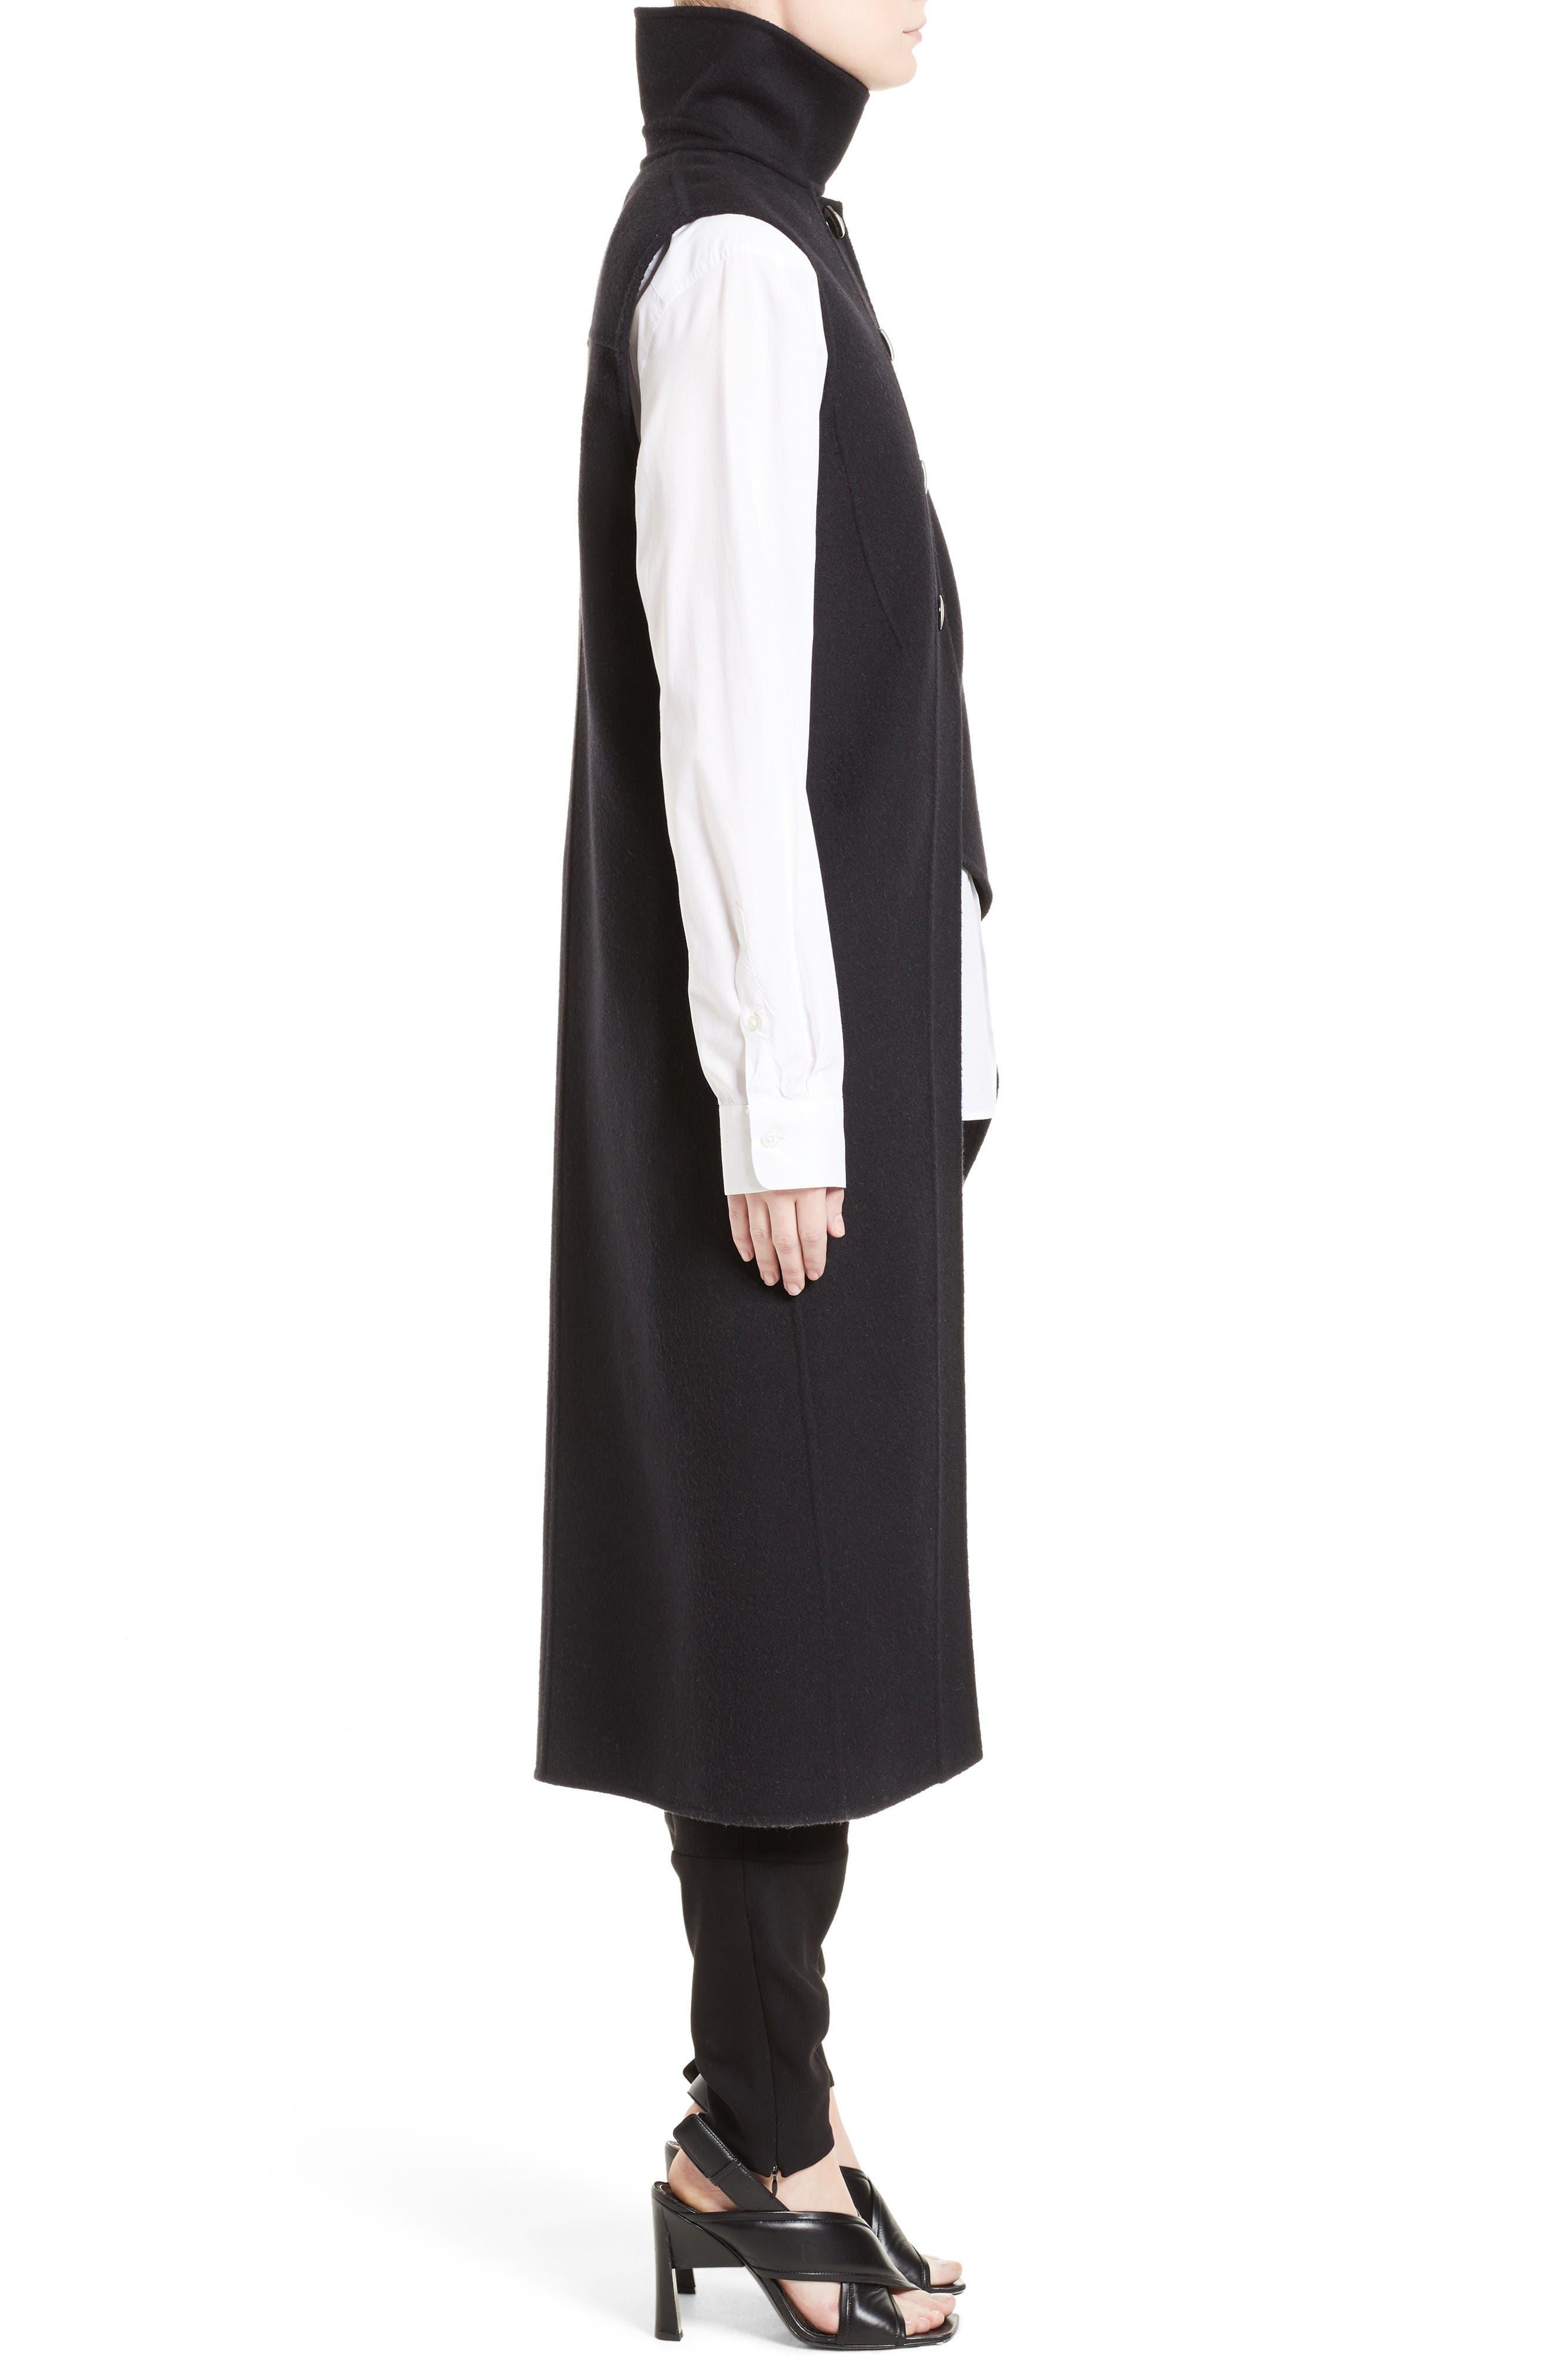 Wool, Alpaca & Cashmere Asymmetrical Vest,                             Alternate thumbnail 4, color,                             Black